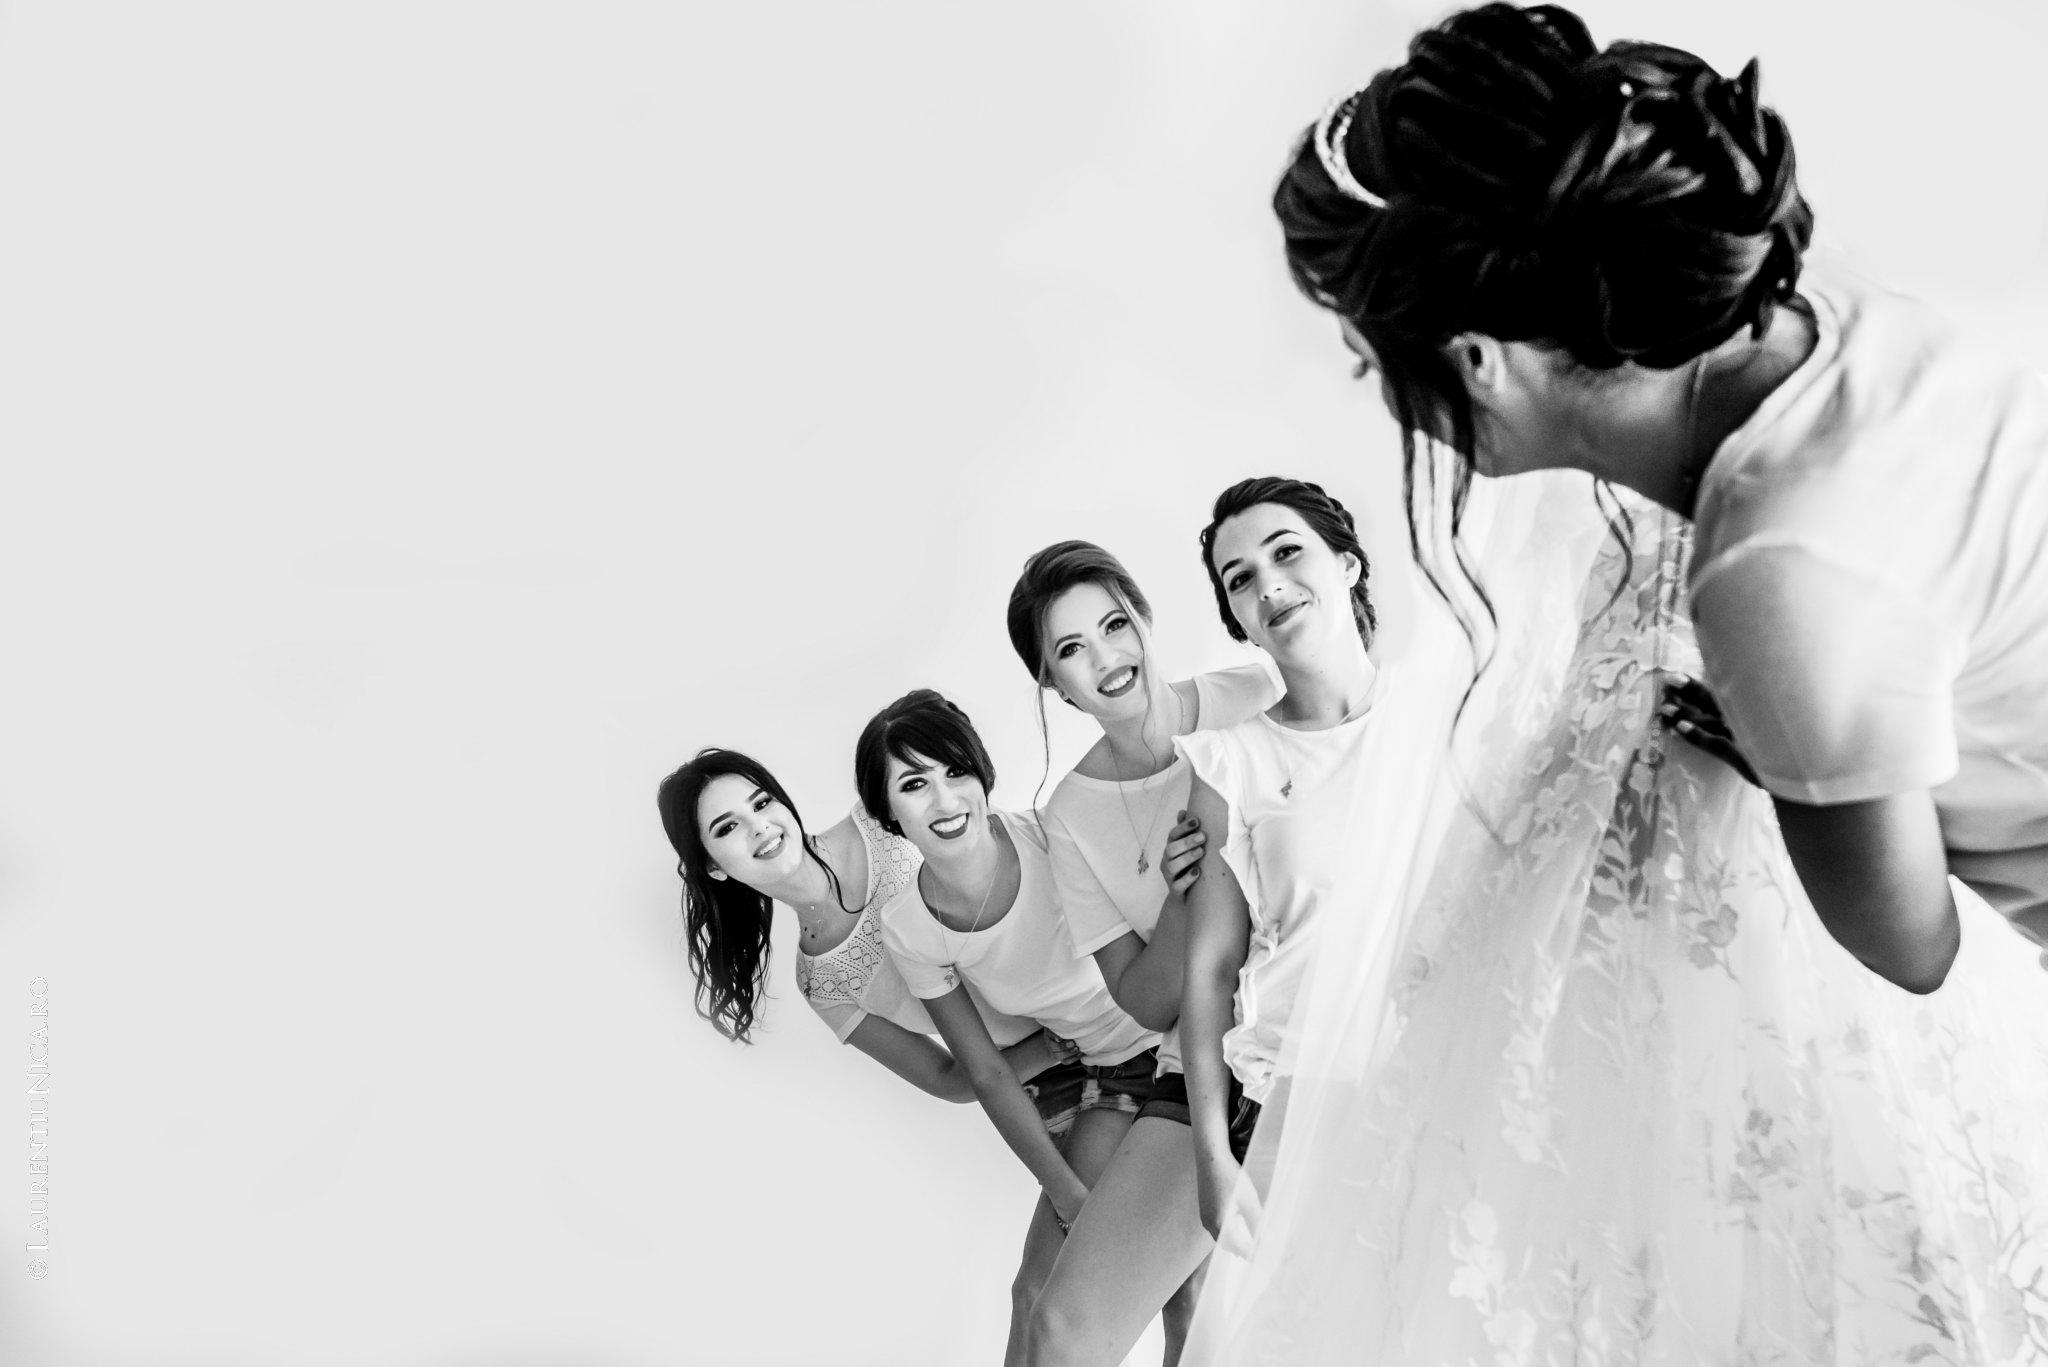 fotografii nunta denisa si florin craiova 06 - Denisa & Florin | Fotografii nunta | Craiova